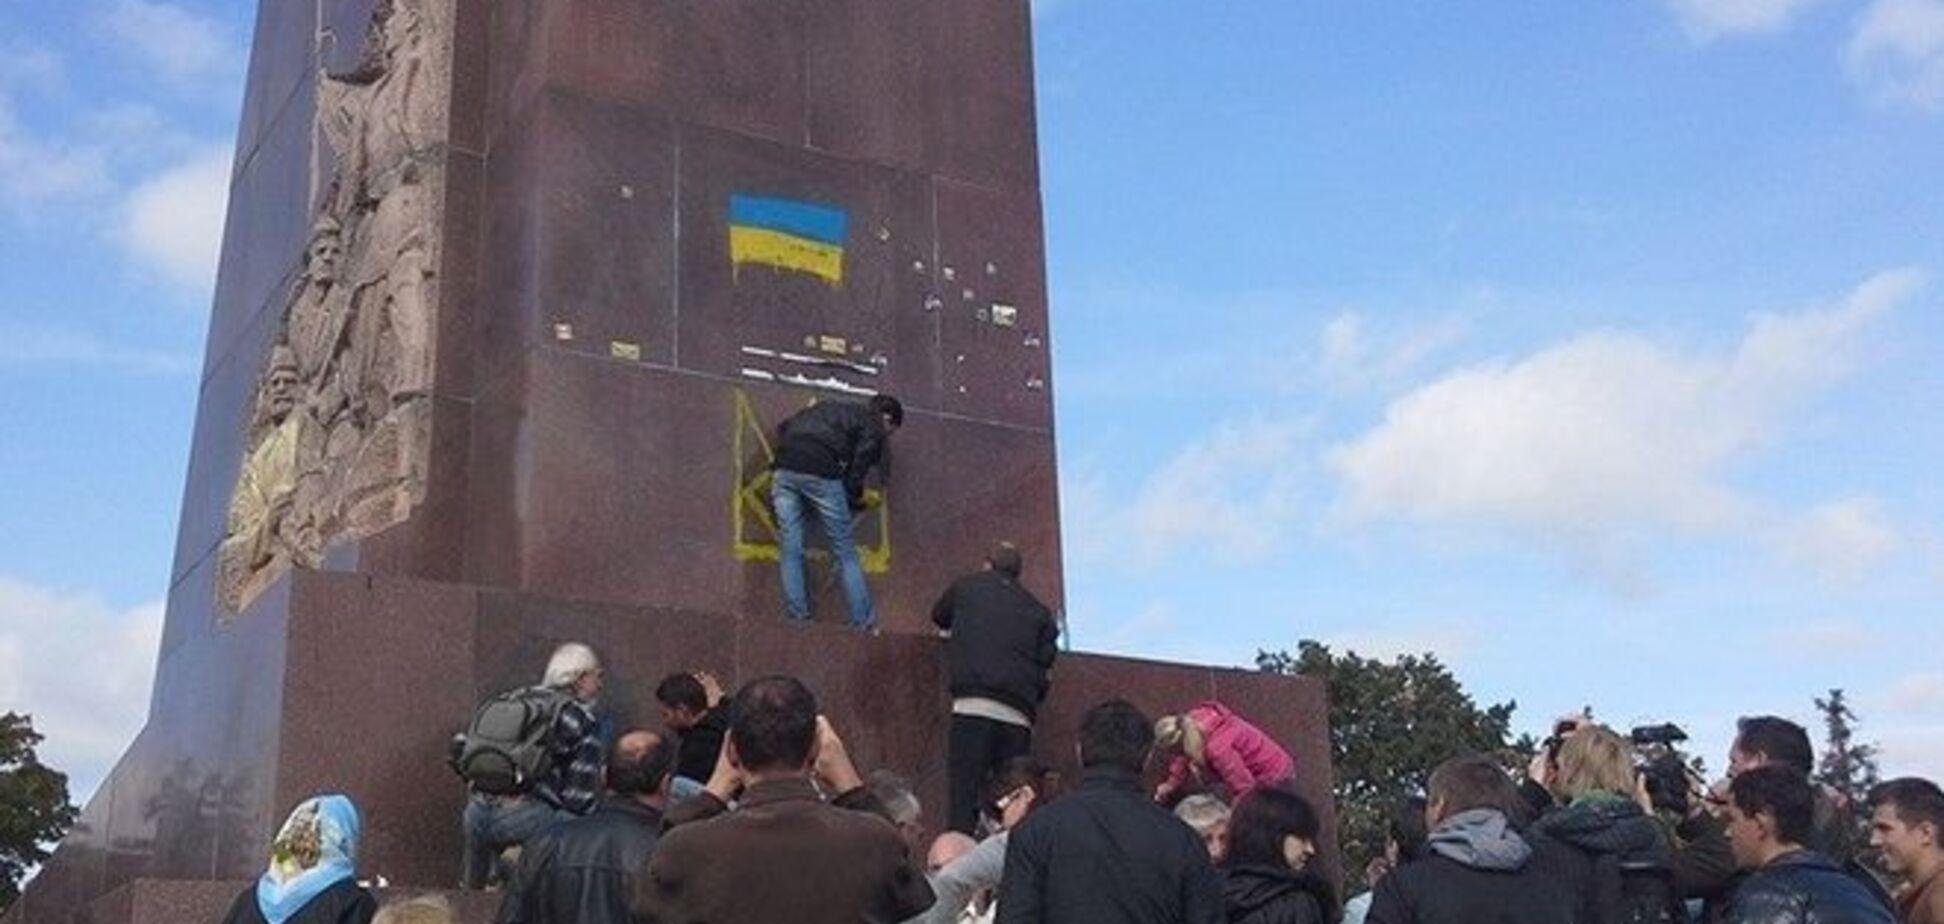 В Харькове пенсионеры-коммунисты 'устроили плач' у постамента поваленного Ленина